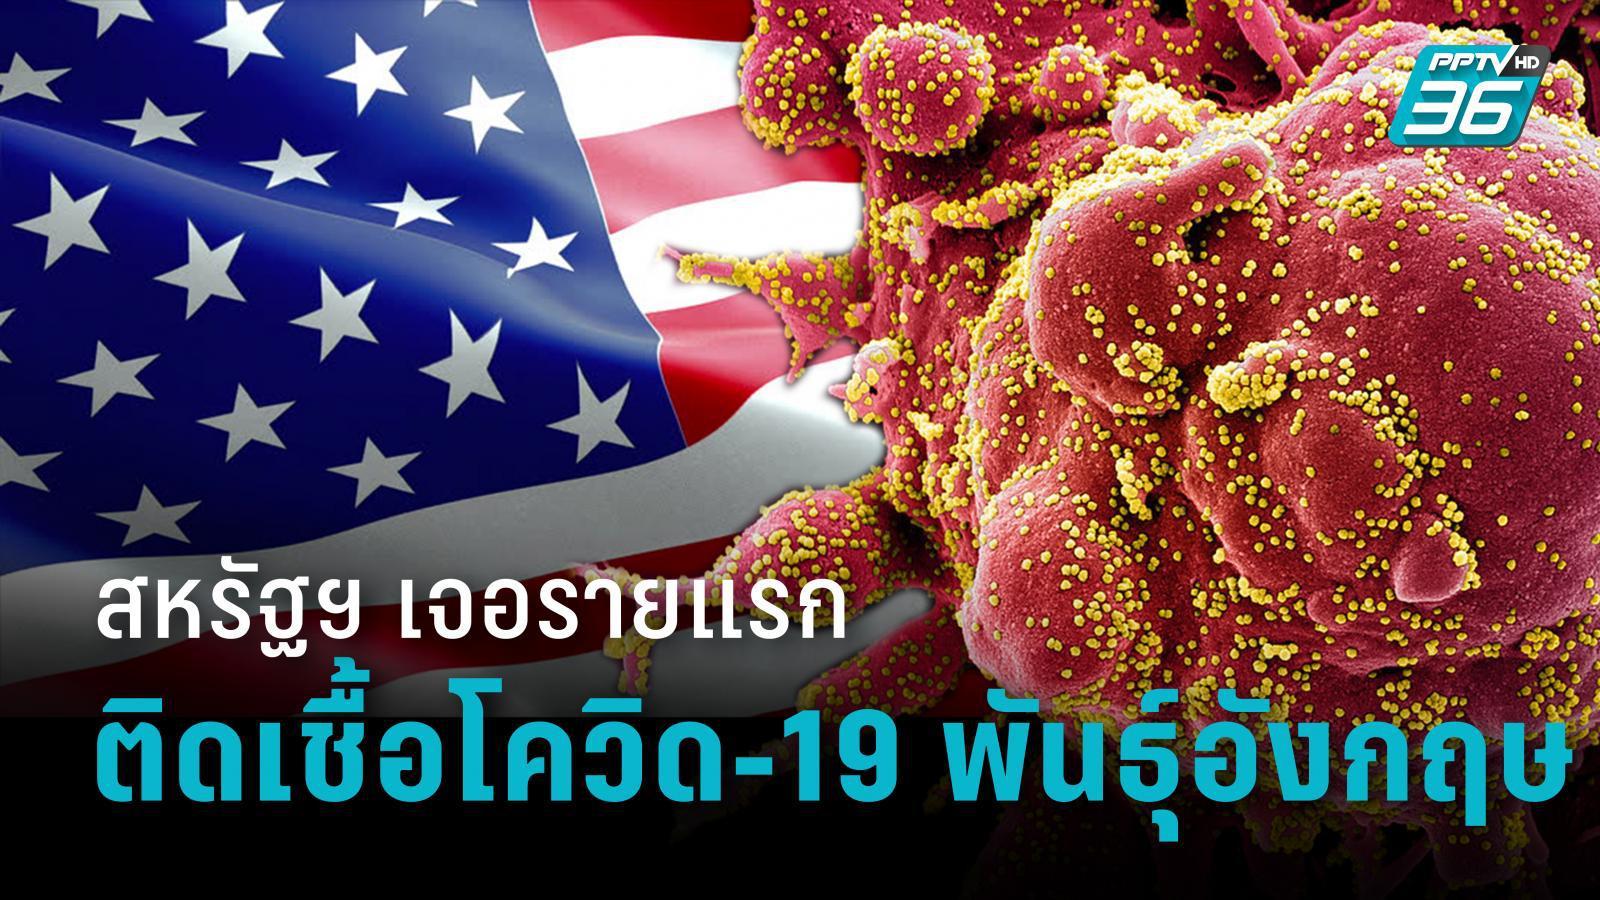 """สหรัฐฯ รายงานพบผู้ติดเชื้อโควิด-19 """"B.1.1.7"""" จากอังกฤษรายแรก"""